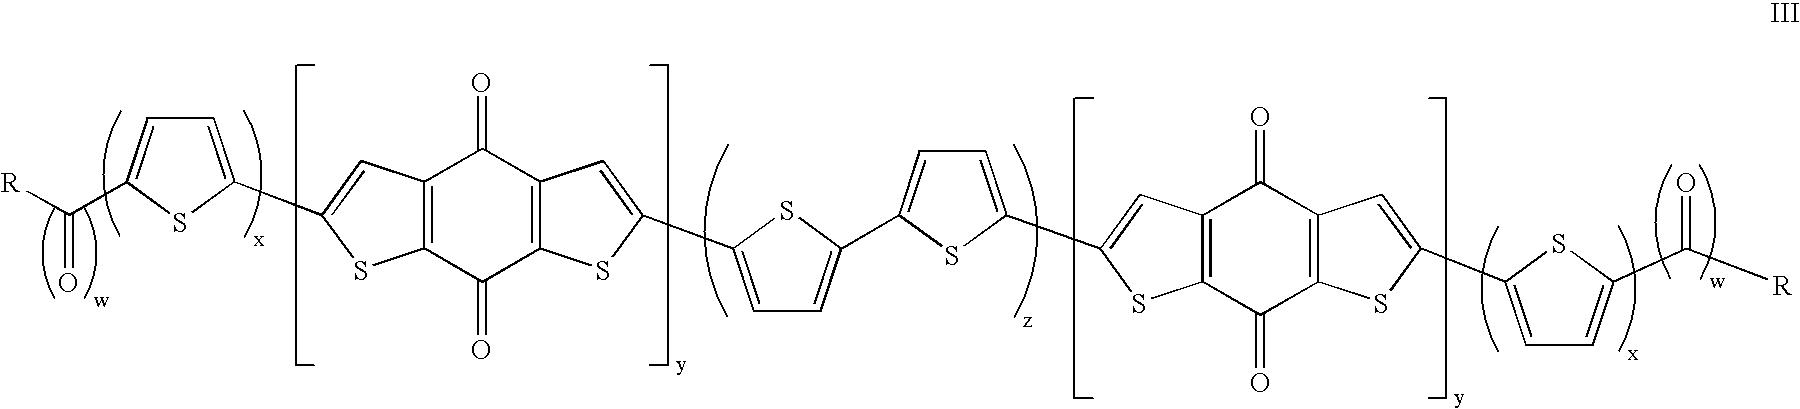 Figure US20060186401A1-20060824-C00003